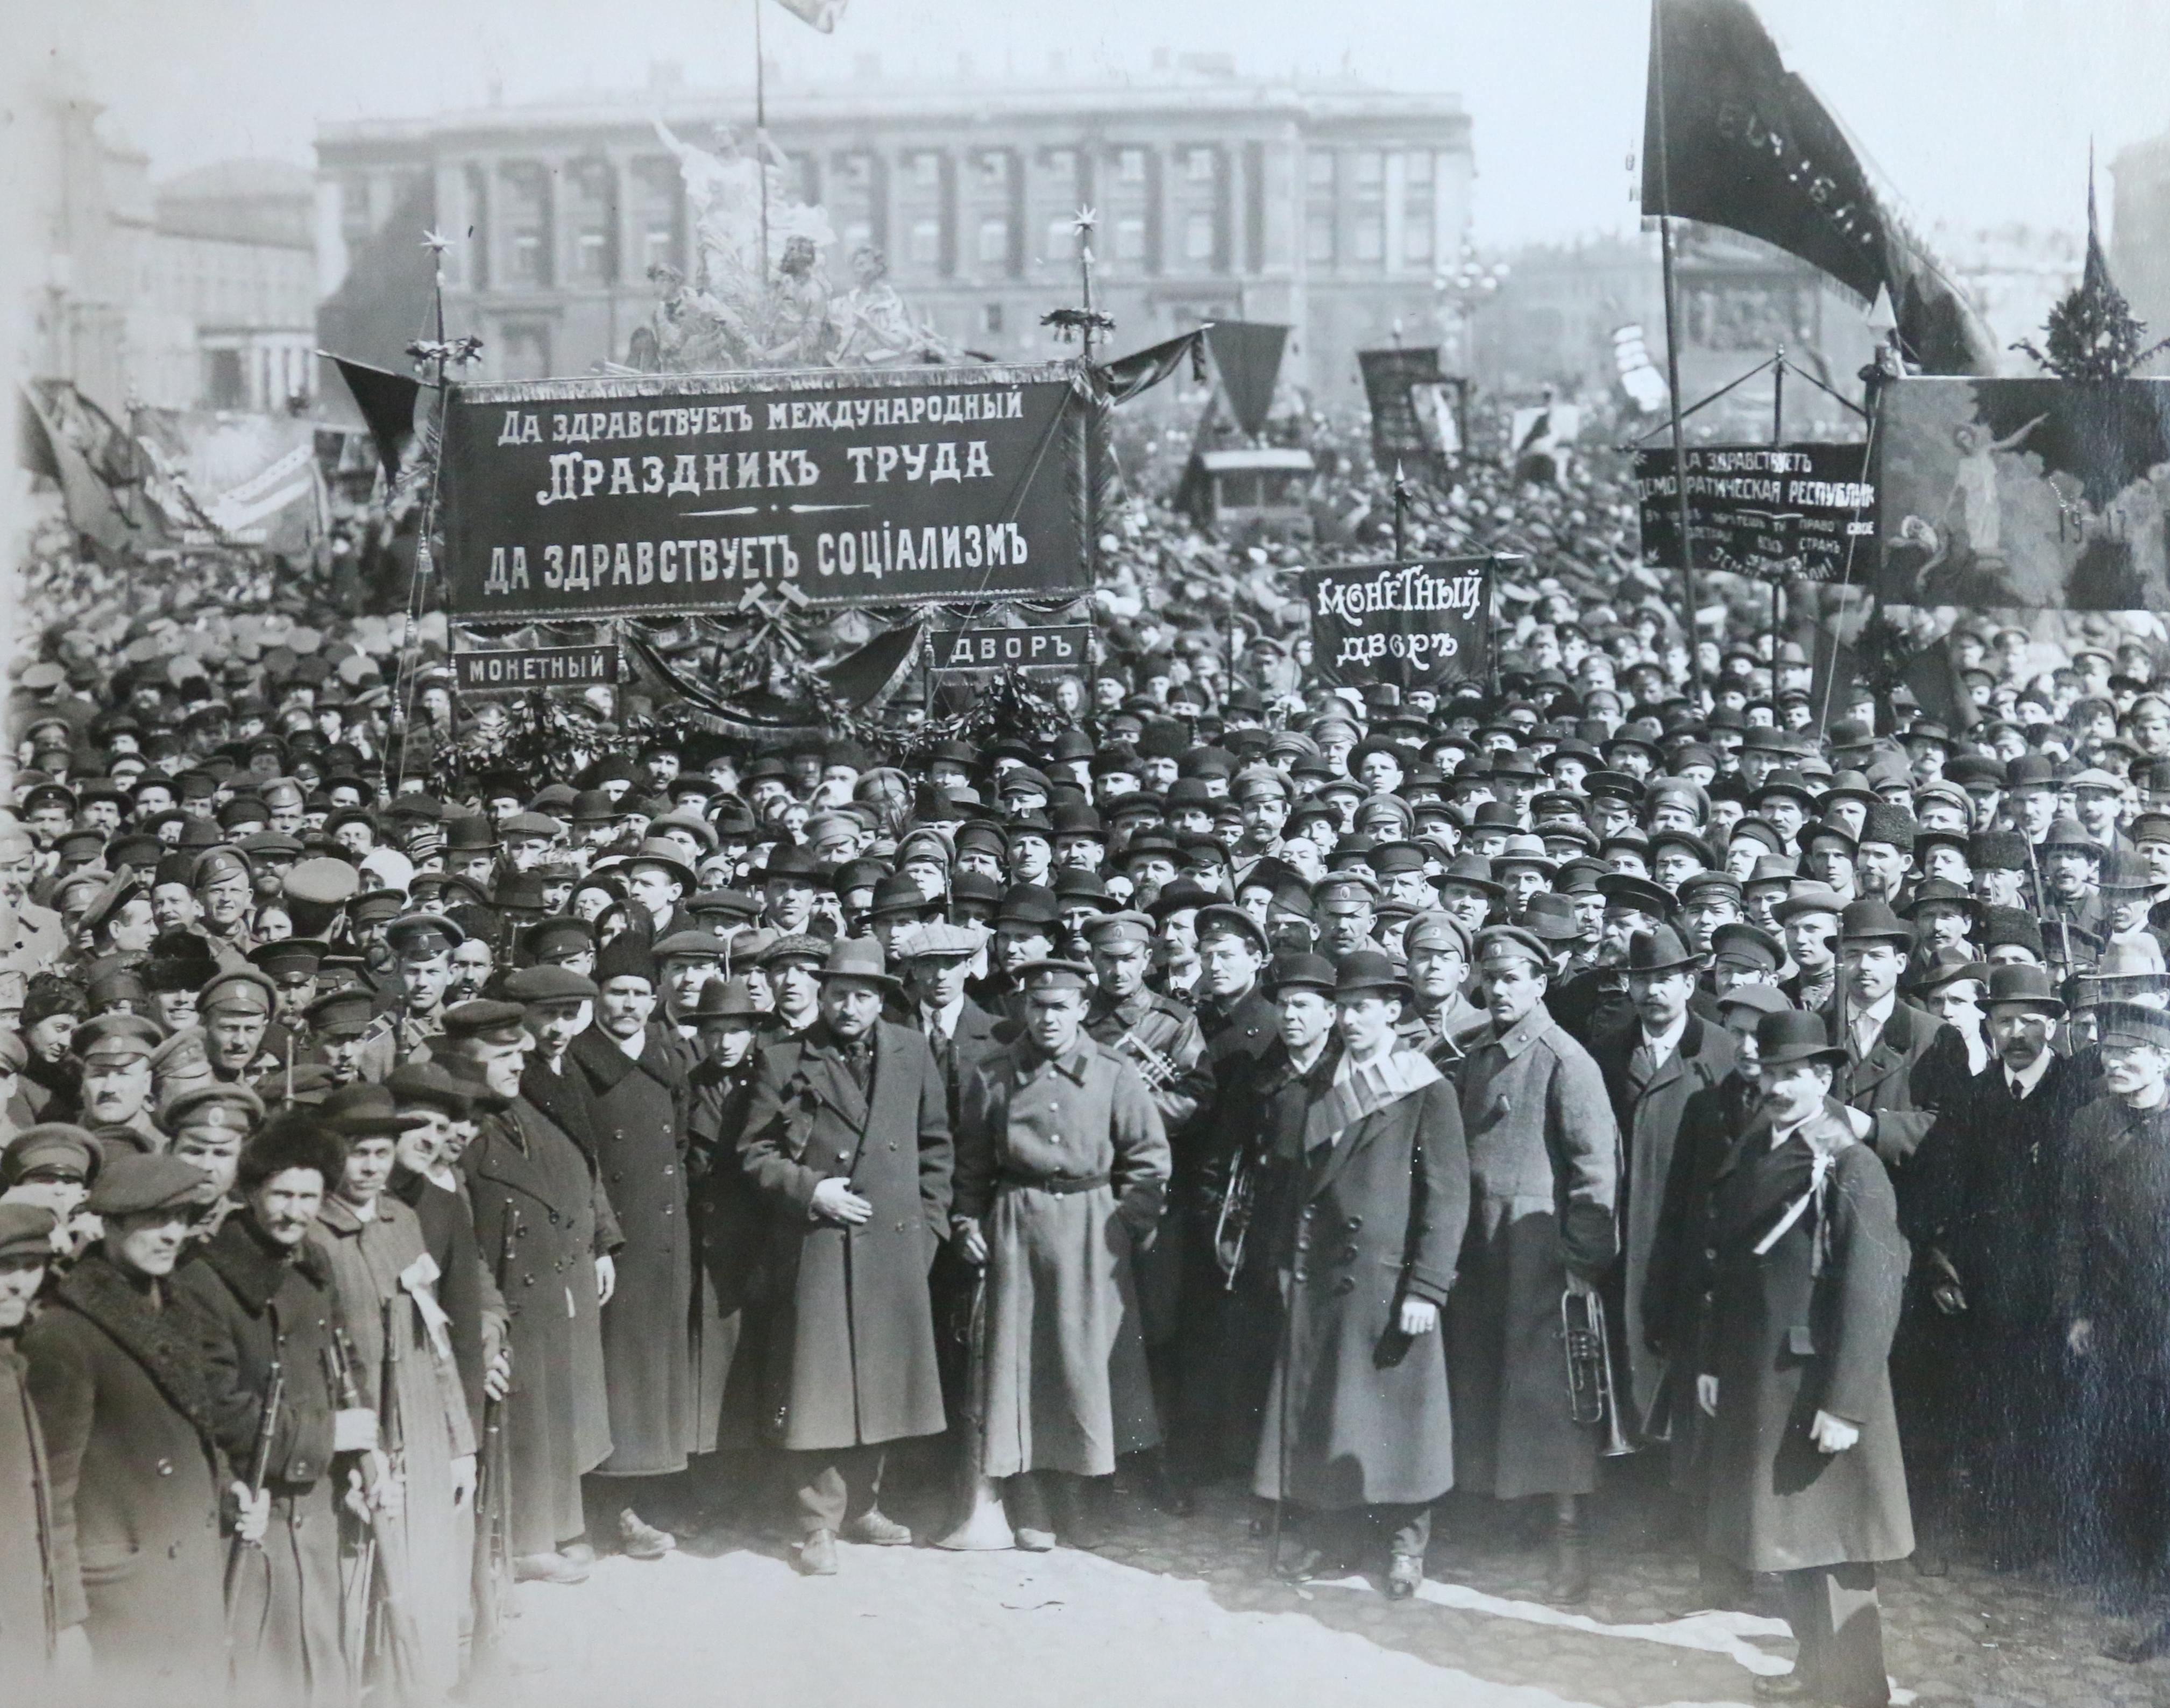 1918. 1 мая в Петрограде.1